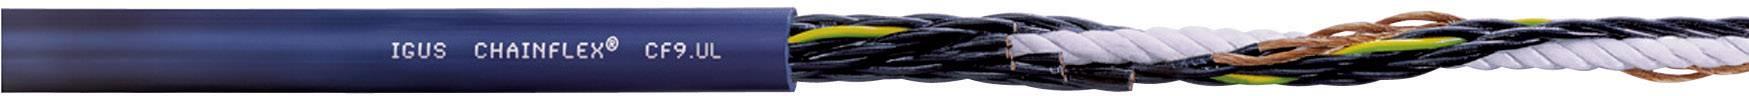 Řídicí kabelové vedení igus Chainflex® CF CF9.03.08, 8x 0,34 mm², elastomer, Ø 6,5 mm, nestíněný, 1 m, modrá